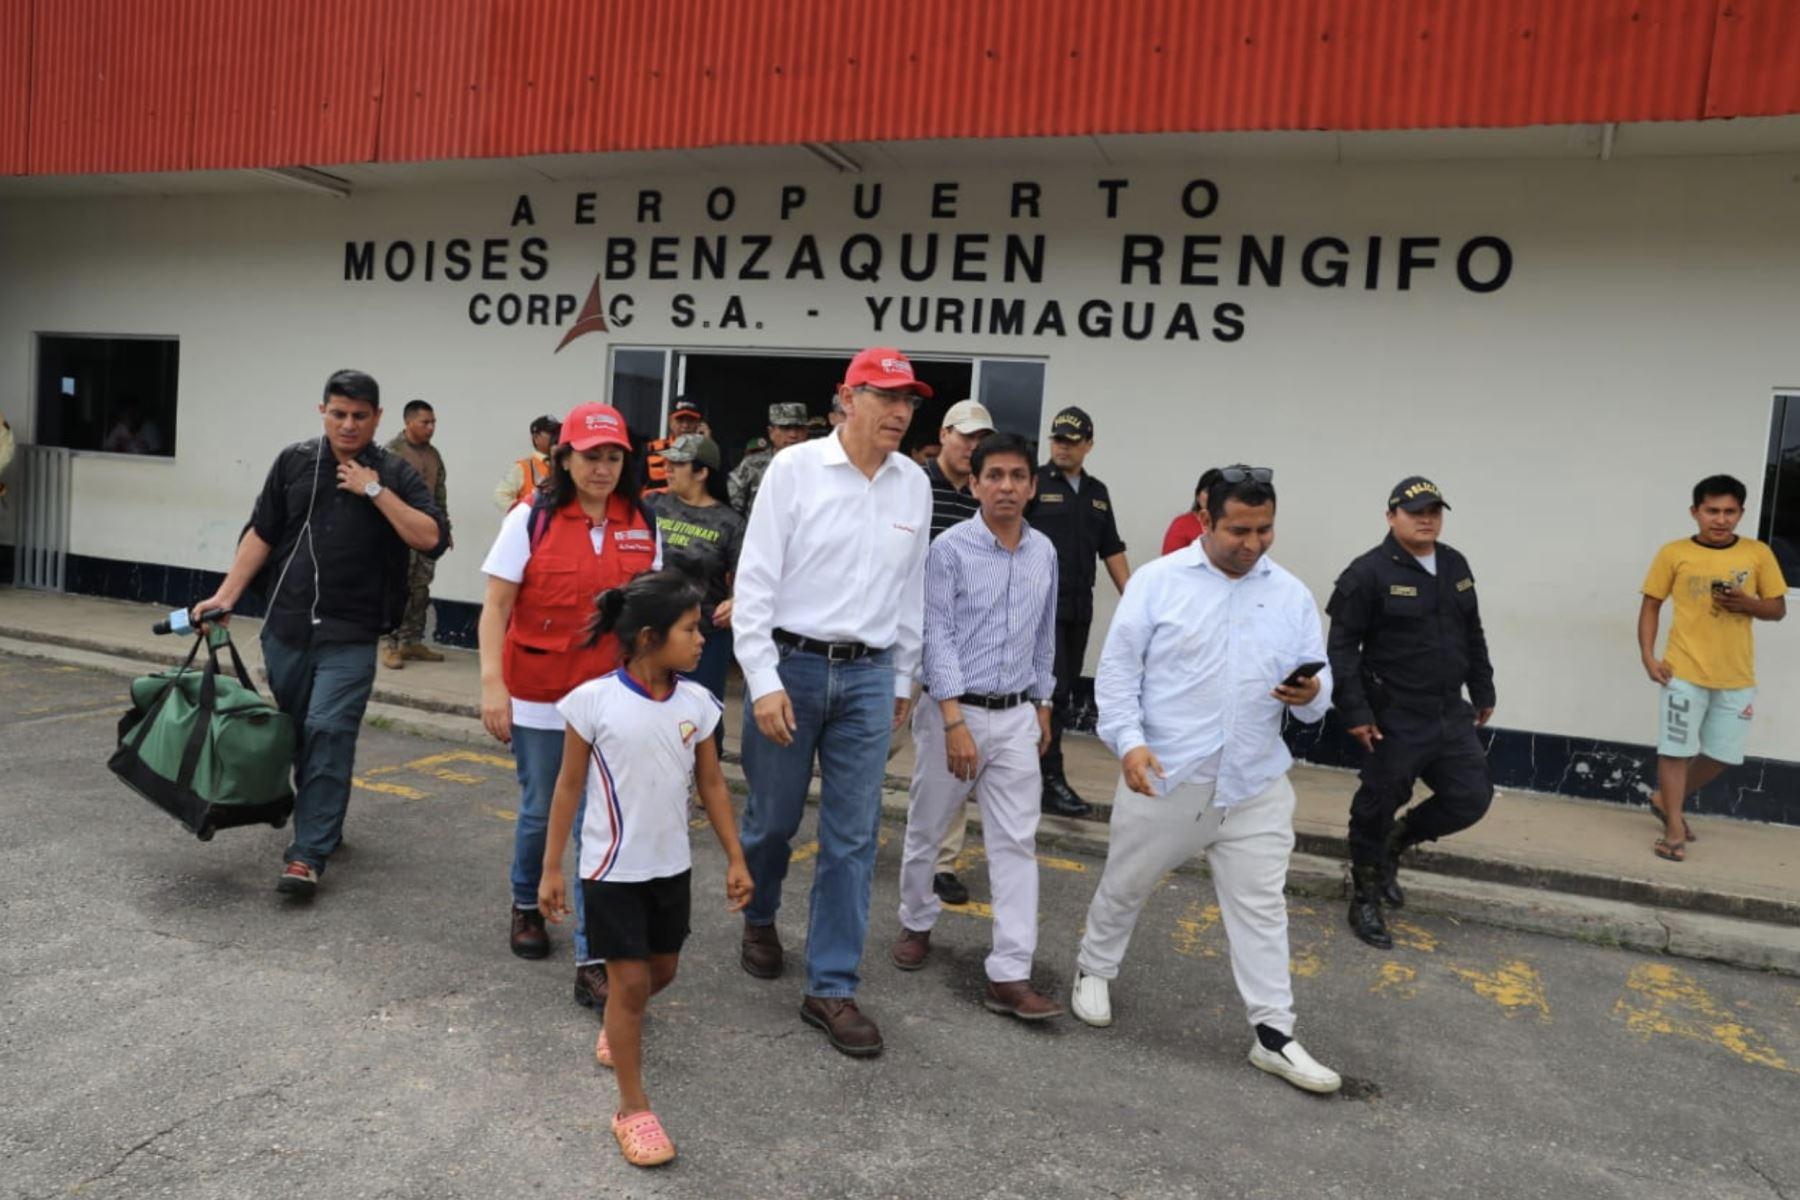 Presidente Vizcarra visita las zonas afectadas tras  el sismo sismo de magnitud 8.0 que sacudió esta madrugada la localidad de Lagunas, provincia de Alto Amazonas, región Loreto. Foto: ANDINA/ Prensa Presidencia